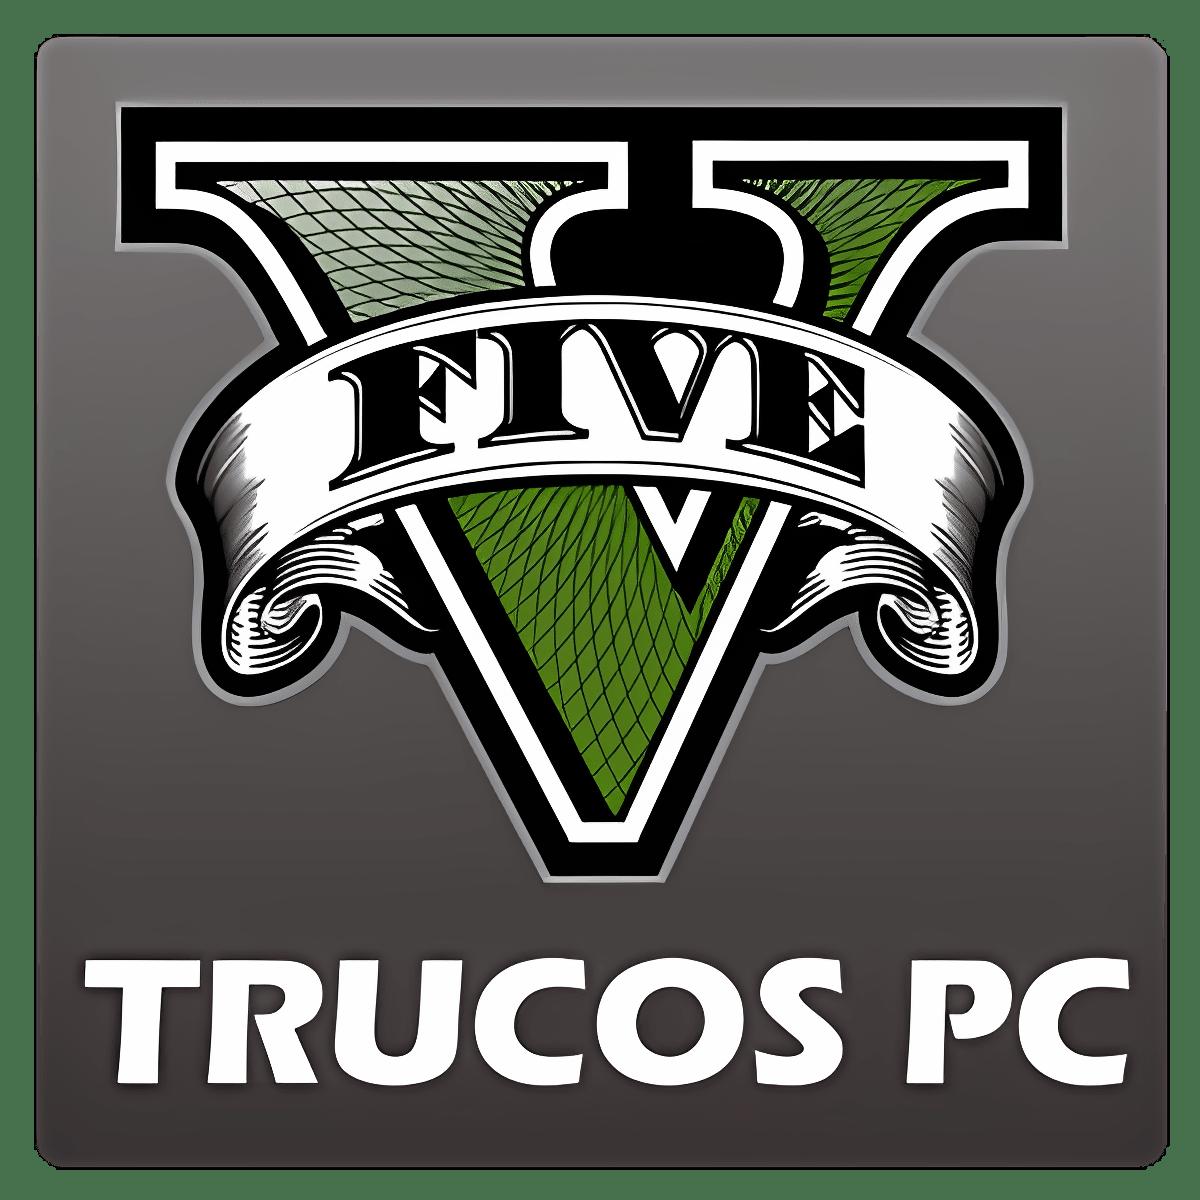 Trucos para GTA V 5 PC 2.3-y-versiones-superiores